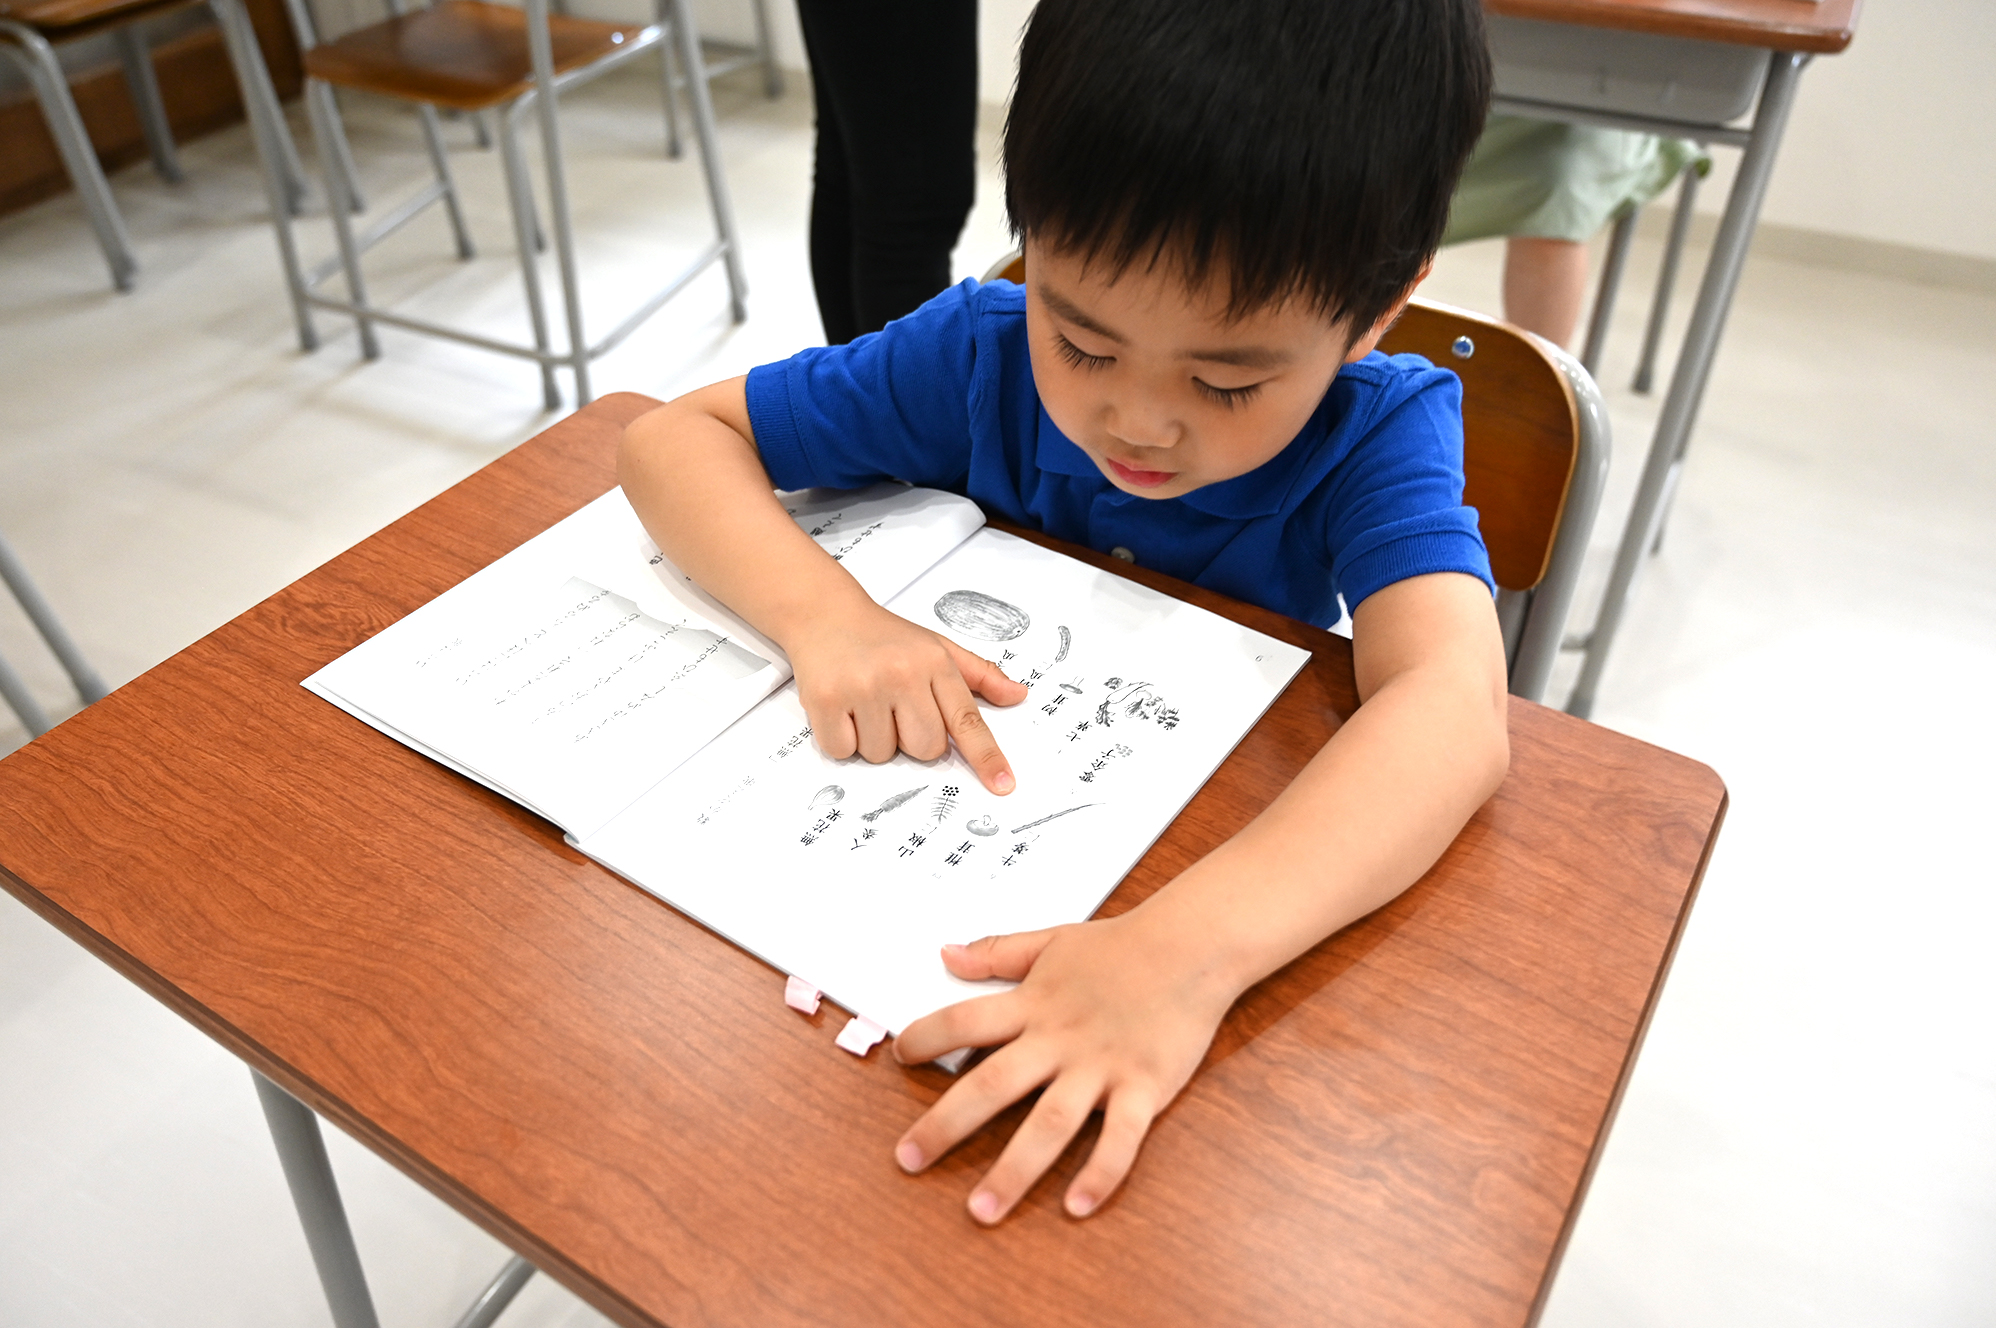 石井式漢字教育とはのイメージ画像